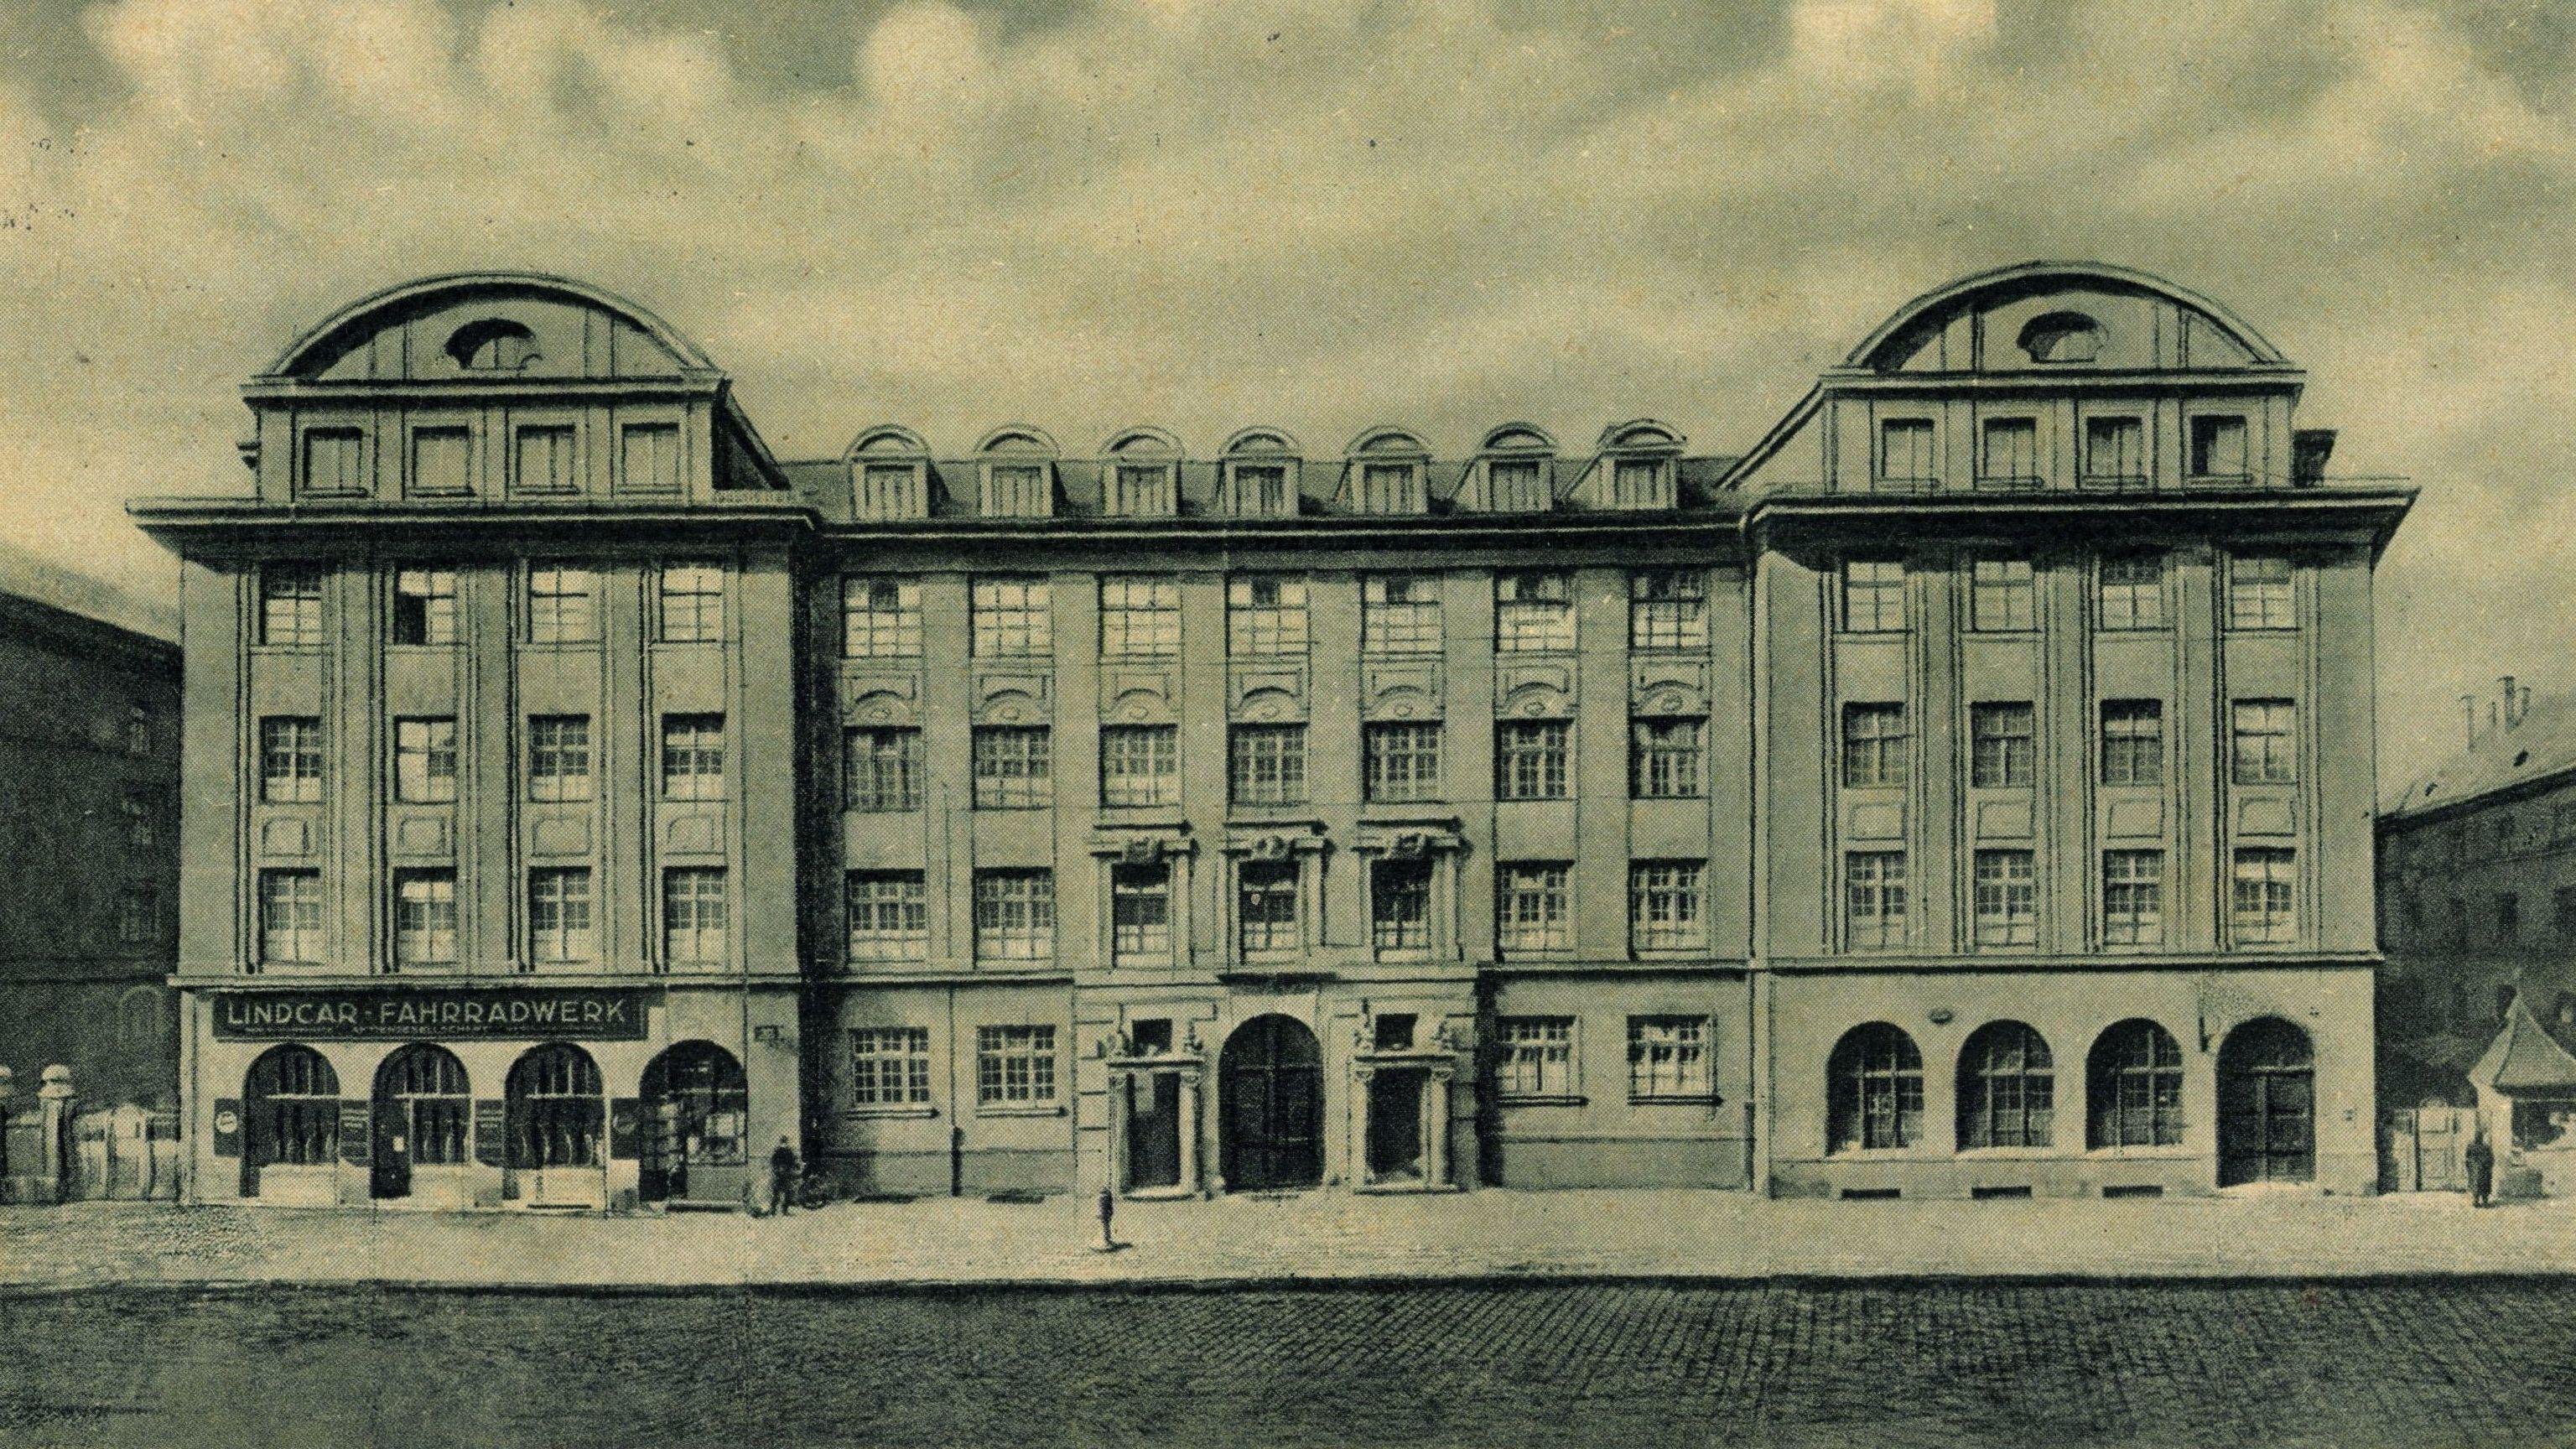 Das Gewerkschaftshaus in der Pestalozzistraße in München. Hier verschanzten sich 1933 Gewerkschafter - und wurden von der SA abgeführt.